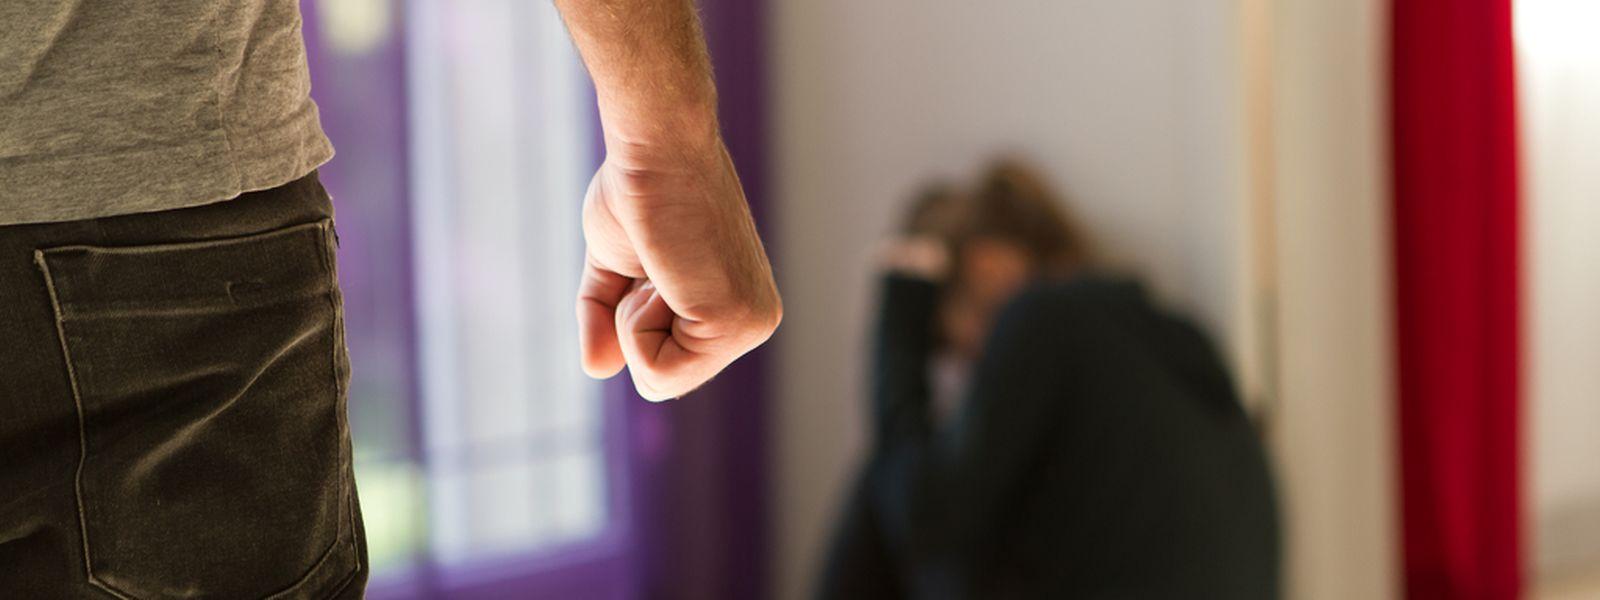 Die Anzahl der Fälle von häuslicher Gewalt in Luxemburg steigt kontinuierlich.